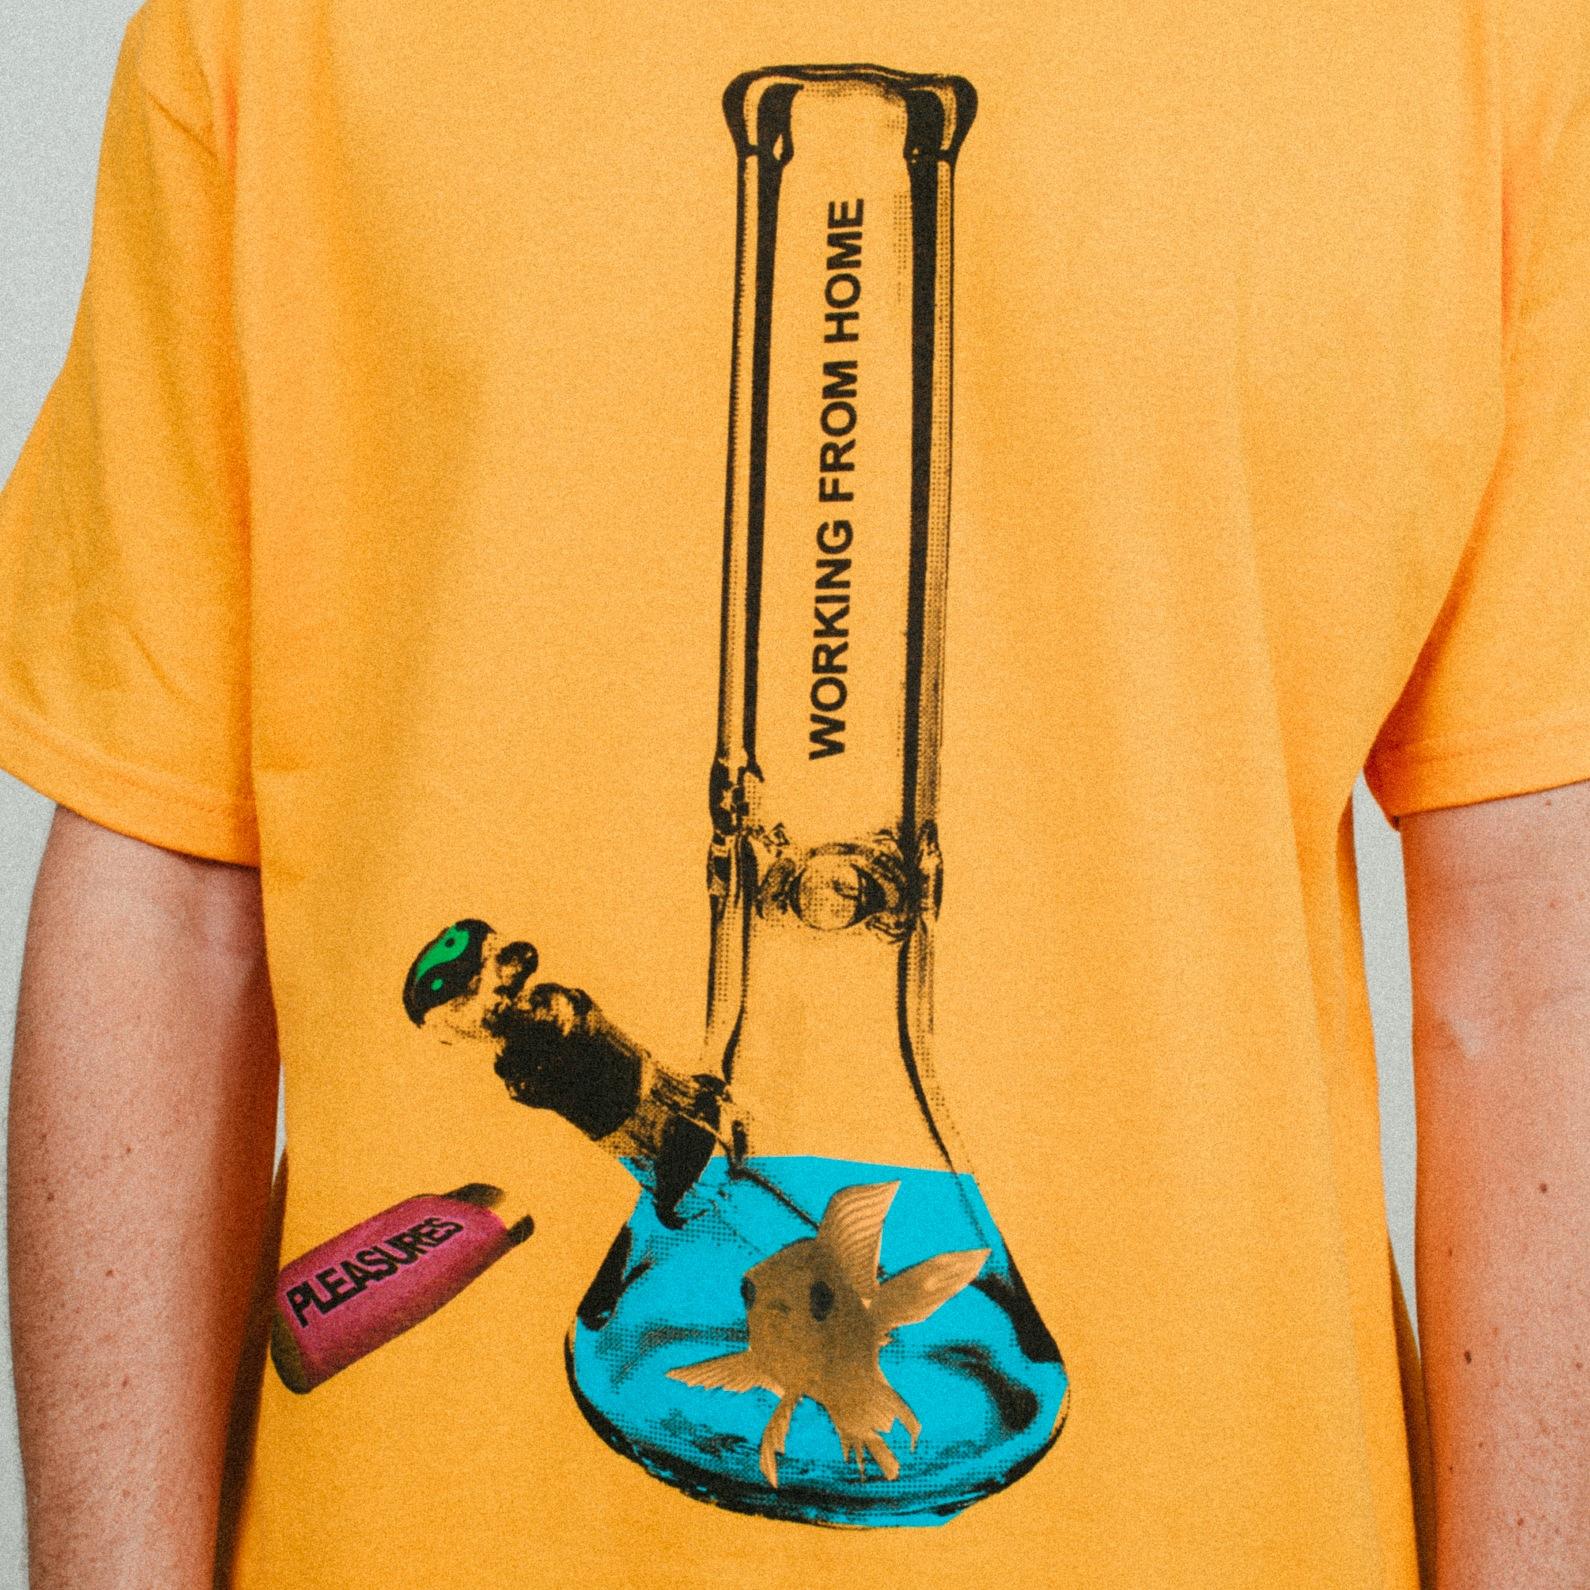 【PLEASURES/プレジャーズ】GLASS T-SHIRT Tシャツ / GOLD